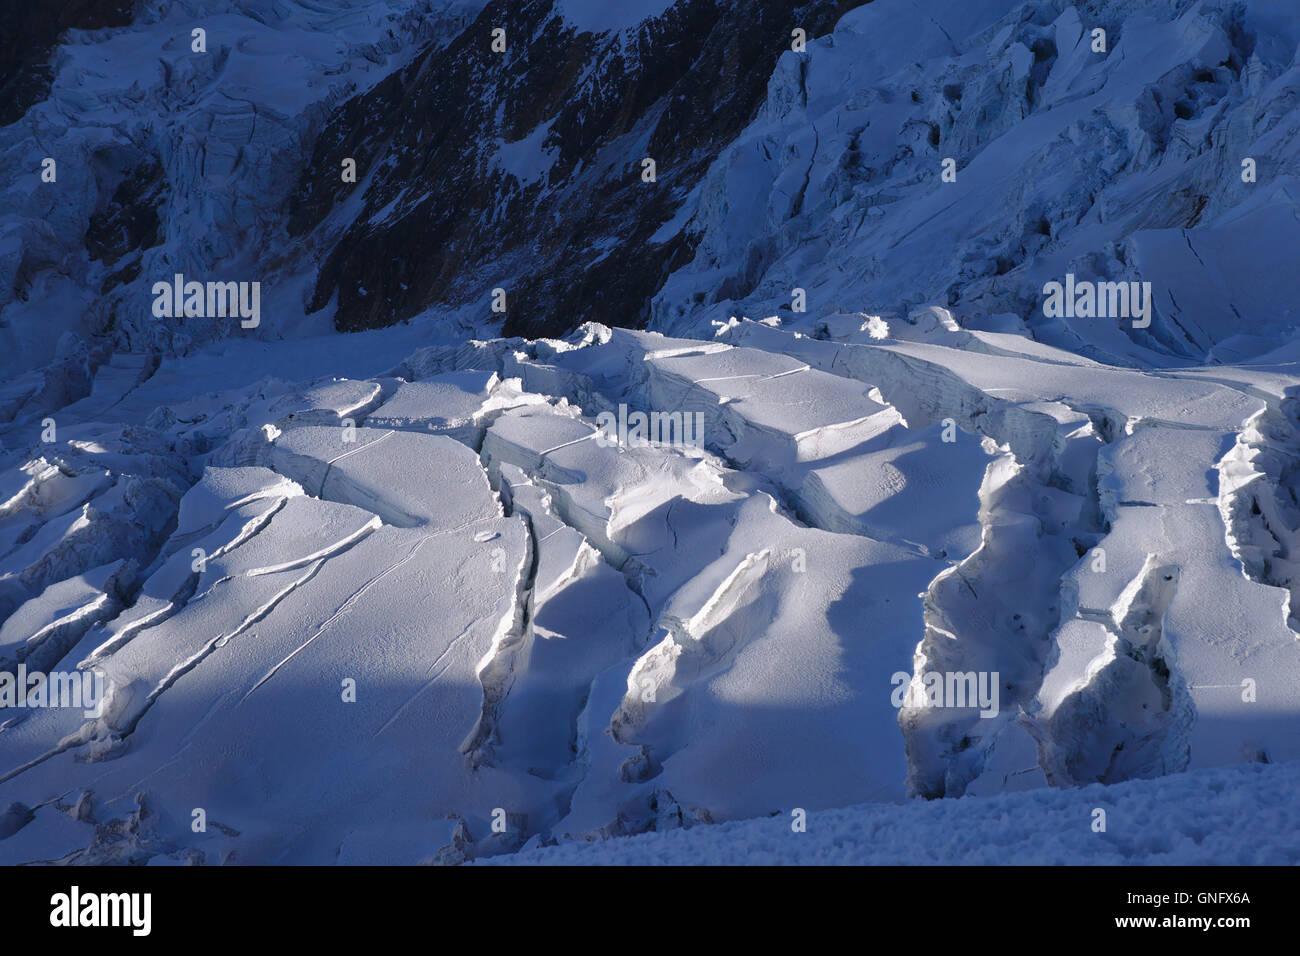 Glacier on Illimani, Bolivia Stock Photo